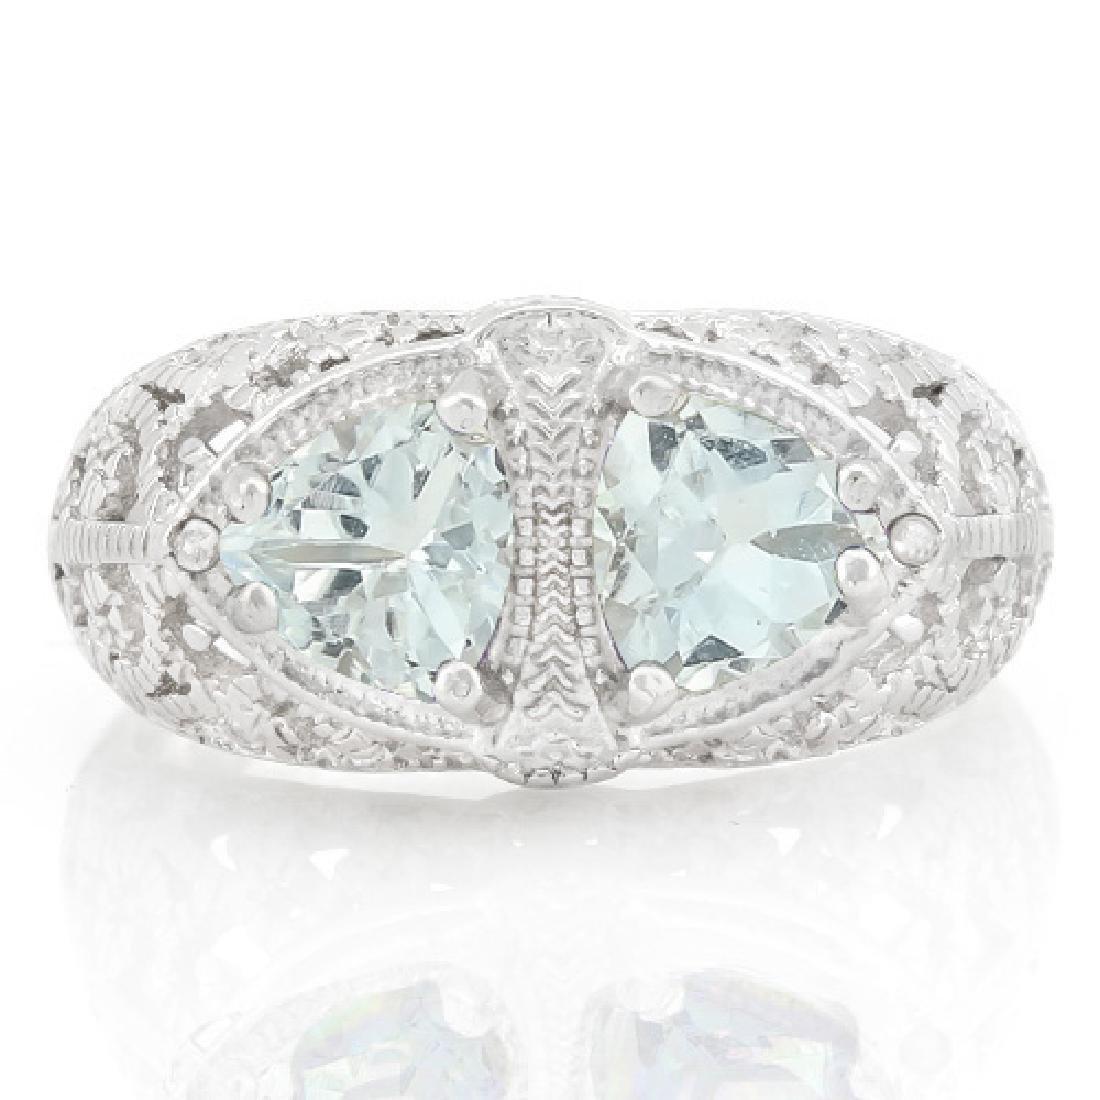 1 1/3 CARAT AQUAMARINES & GENUINE DIAMONDS 925 STERLING